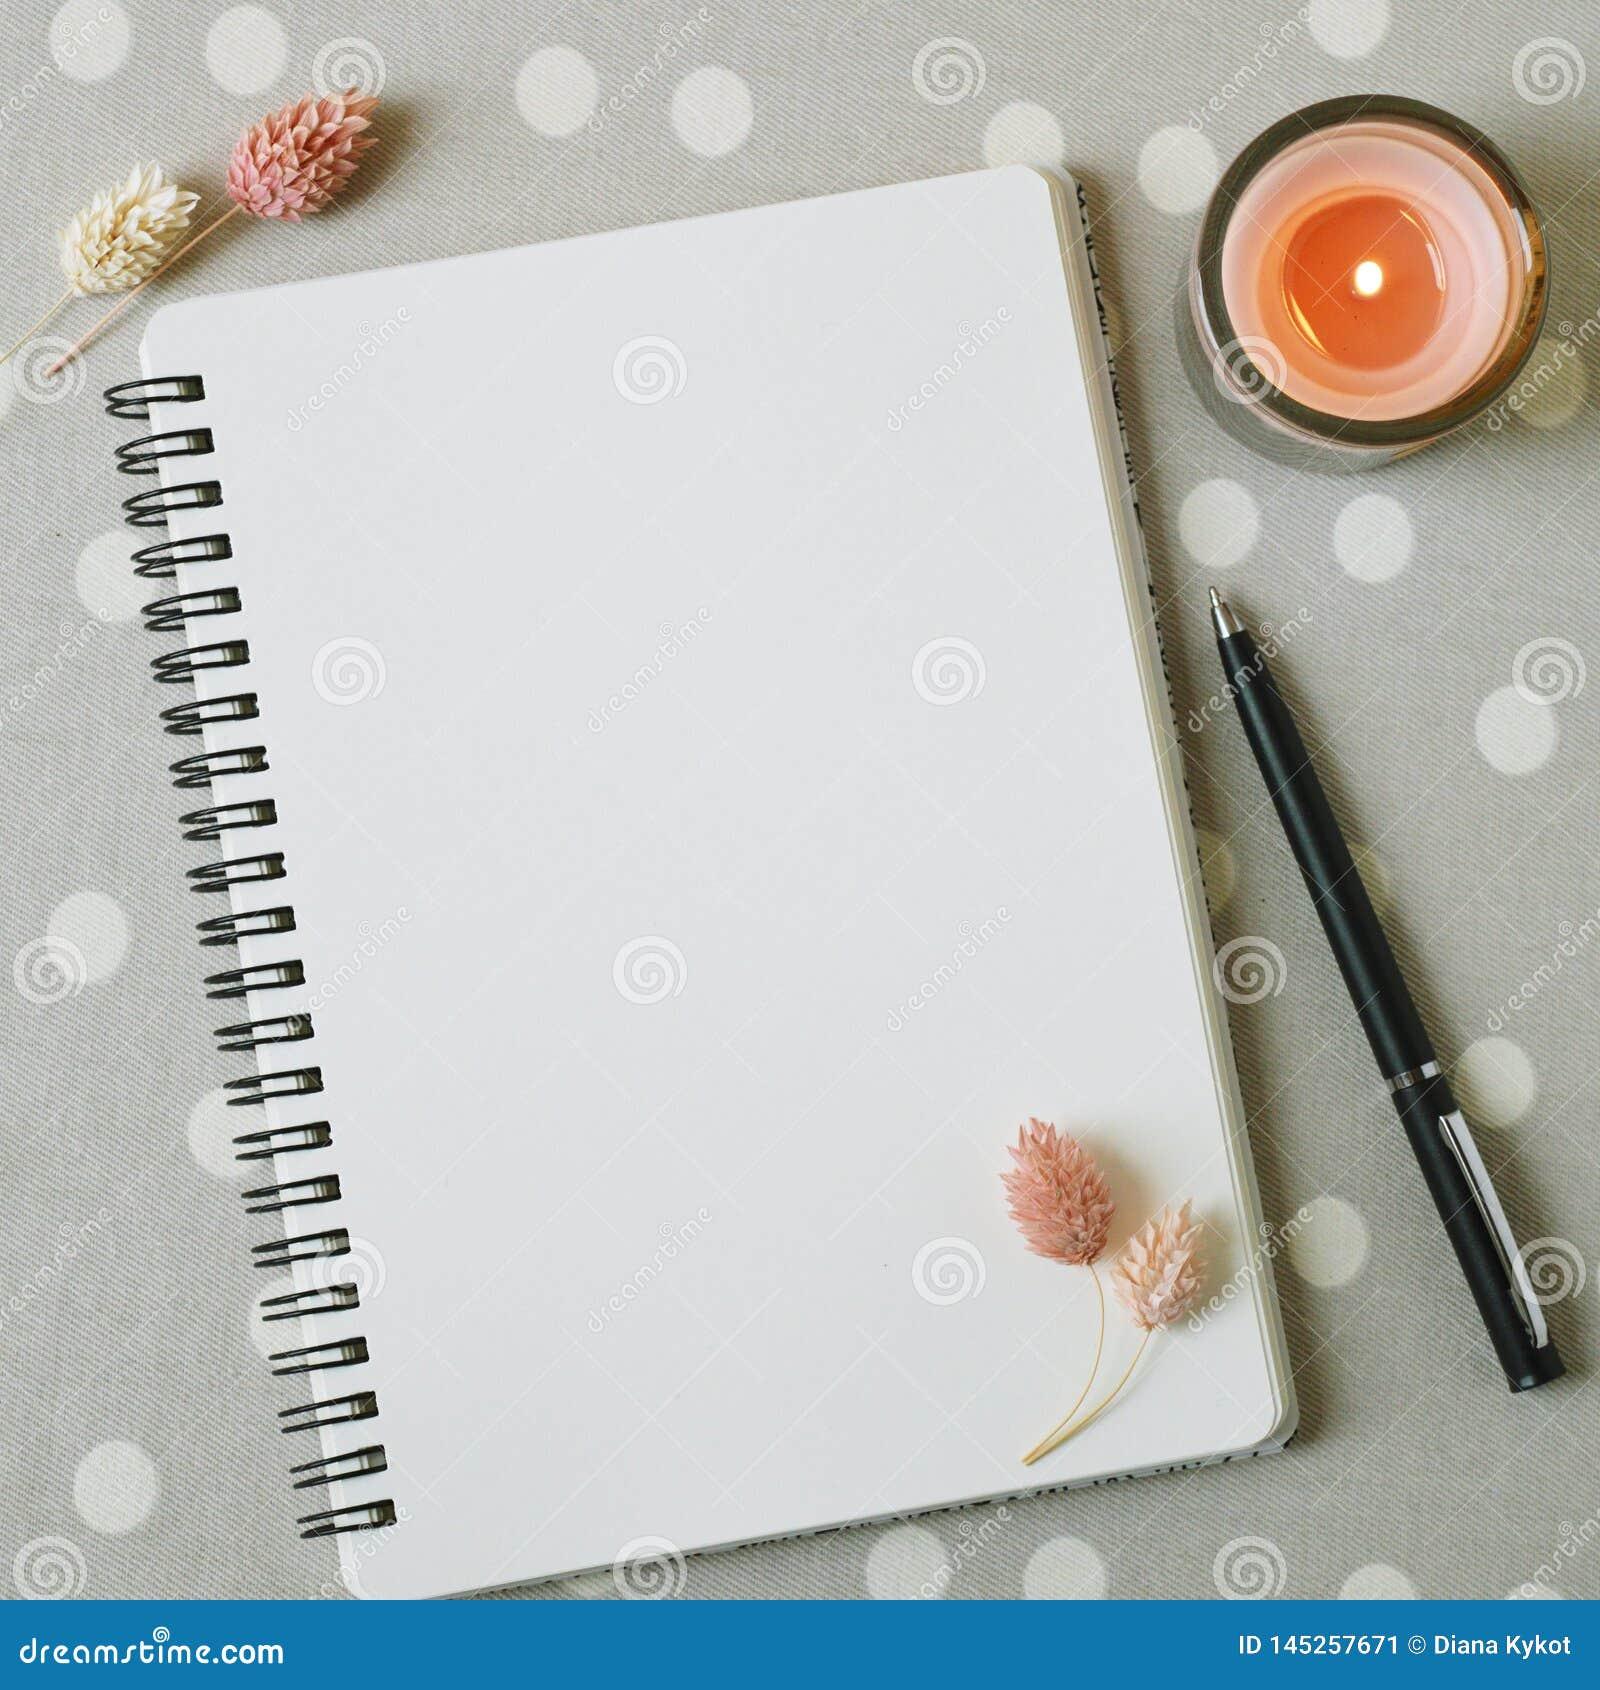 Espacio en blanco de la p?gina blanca del cuaderno, de flores rosadas secadas y de la vela coralina